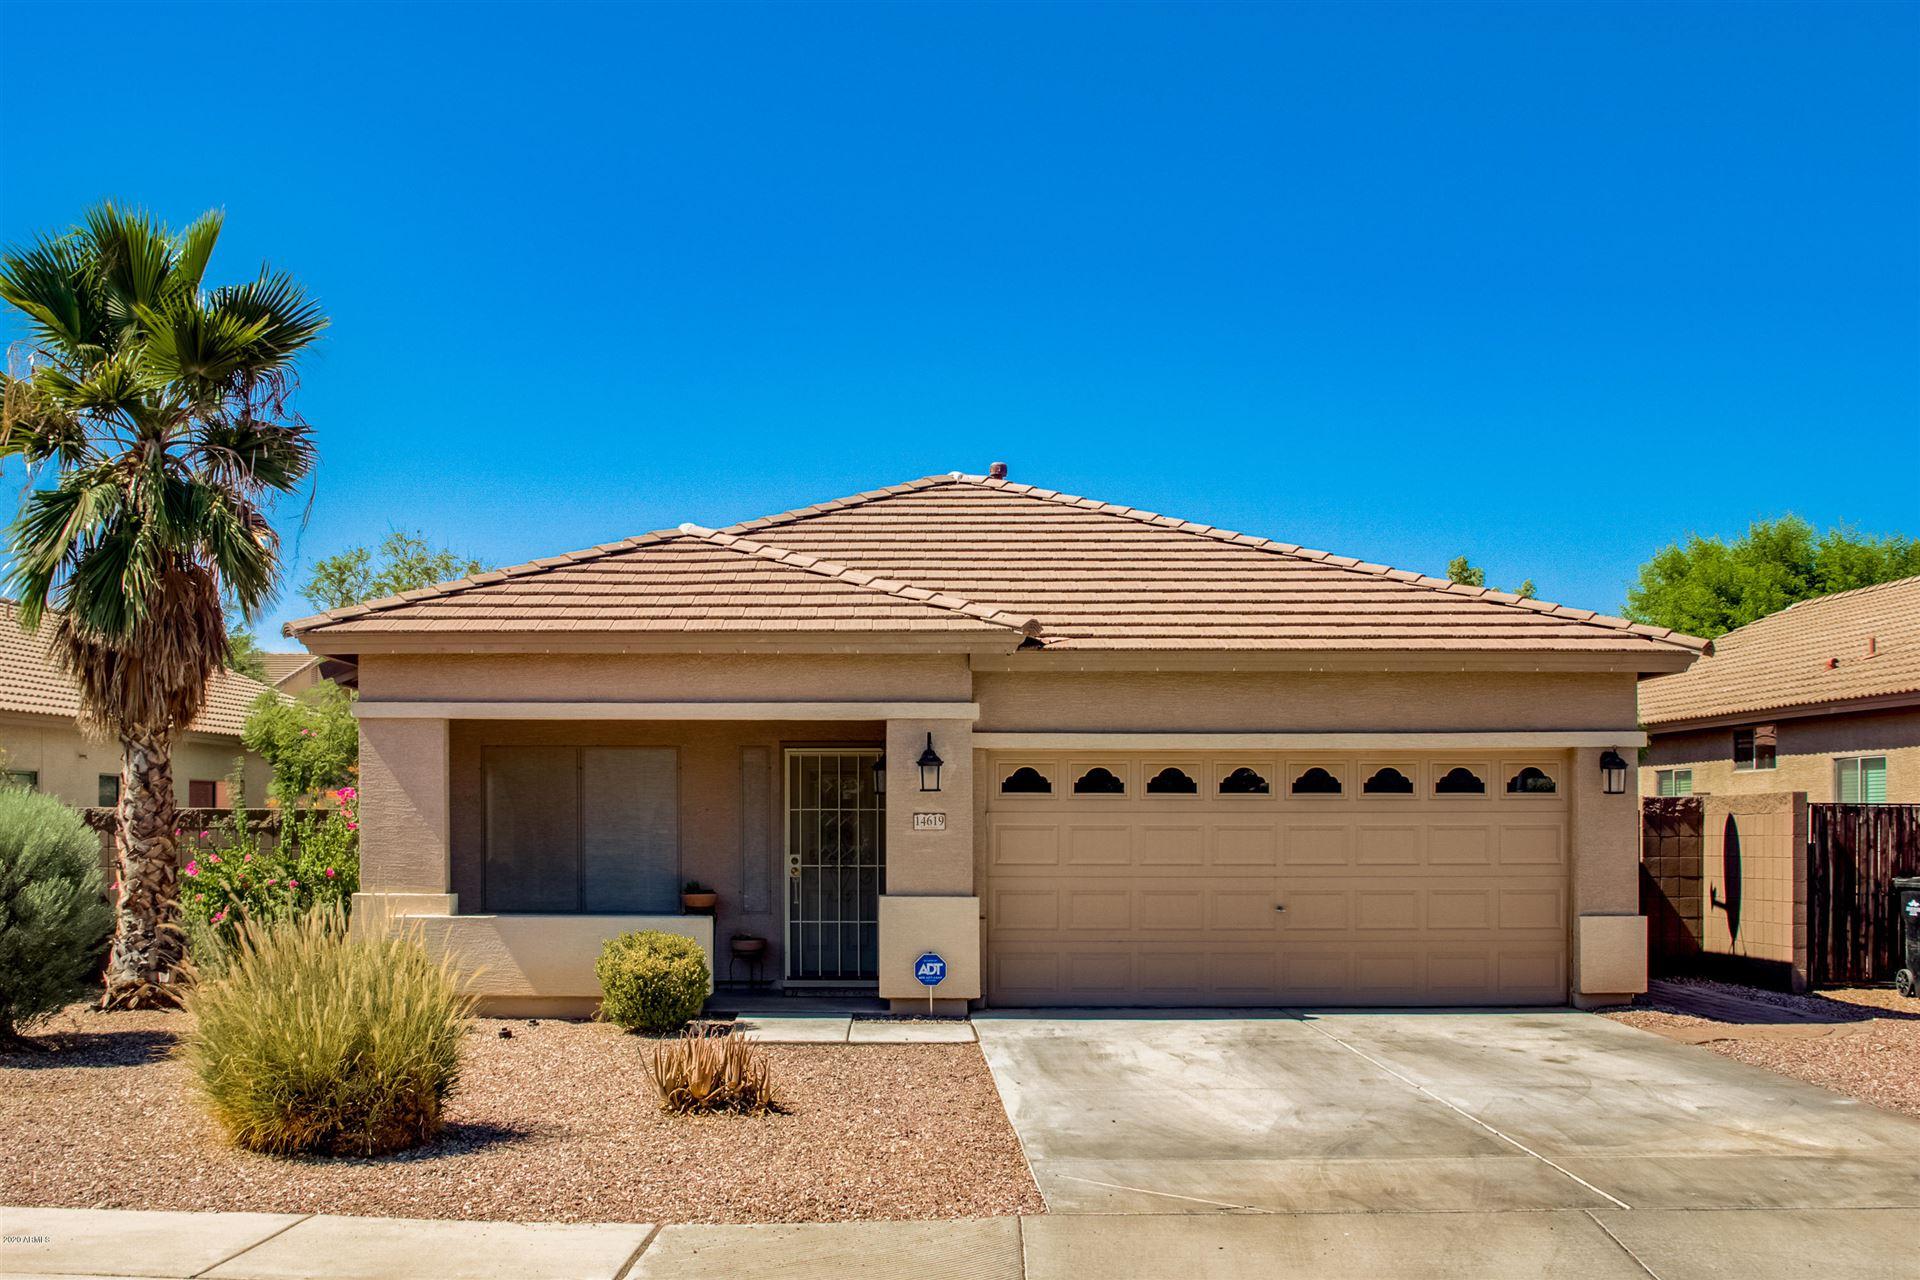 14619 W WATSON Lane, Surprise, AZ 85379 - MLS#: 6101166